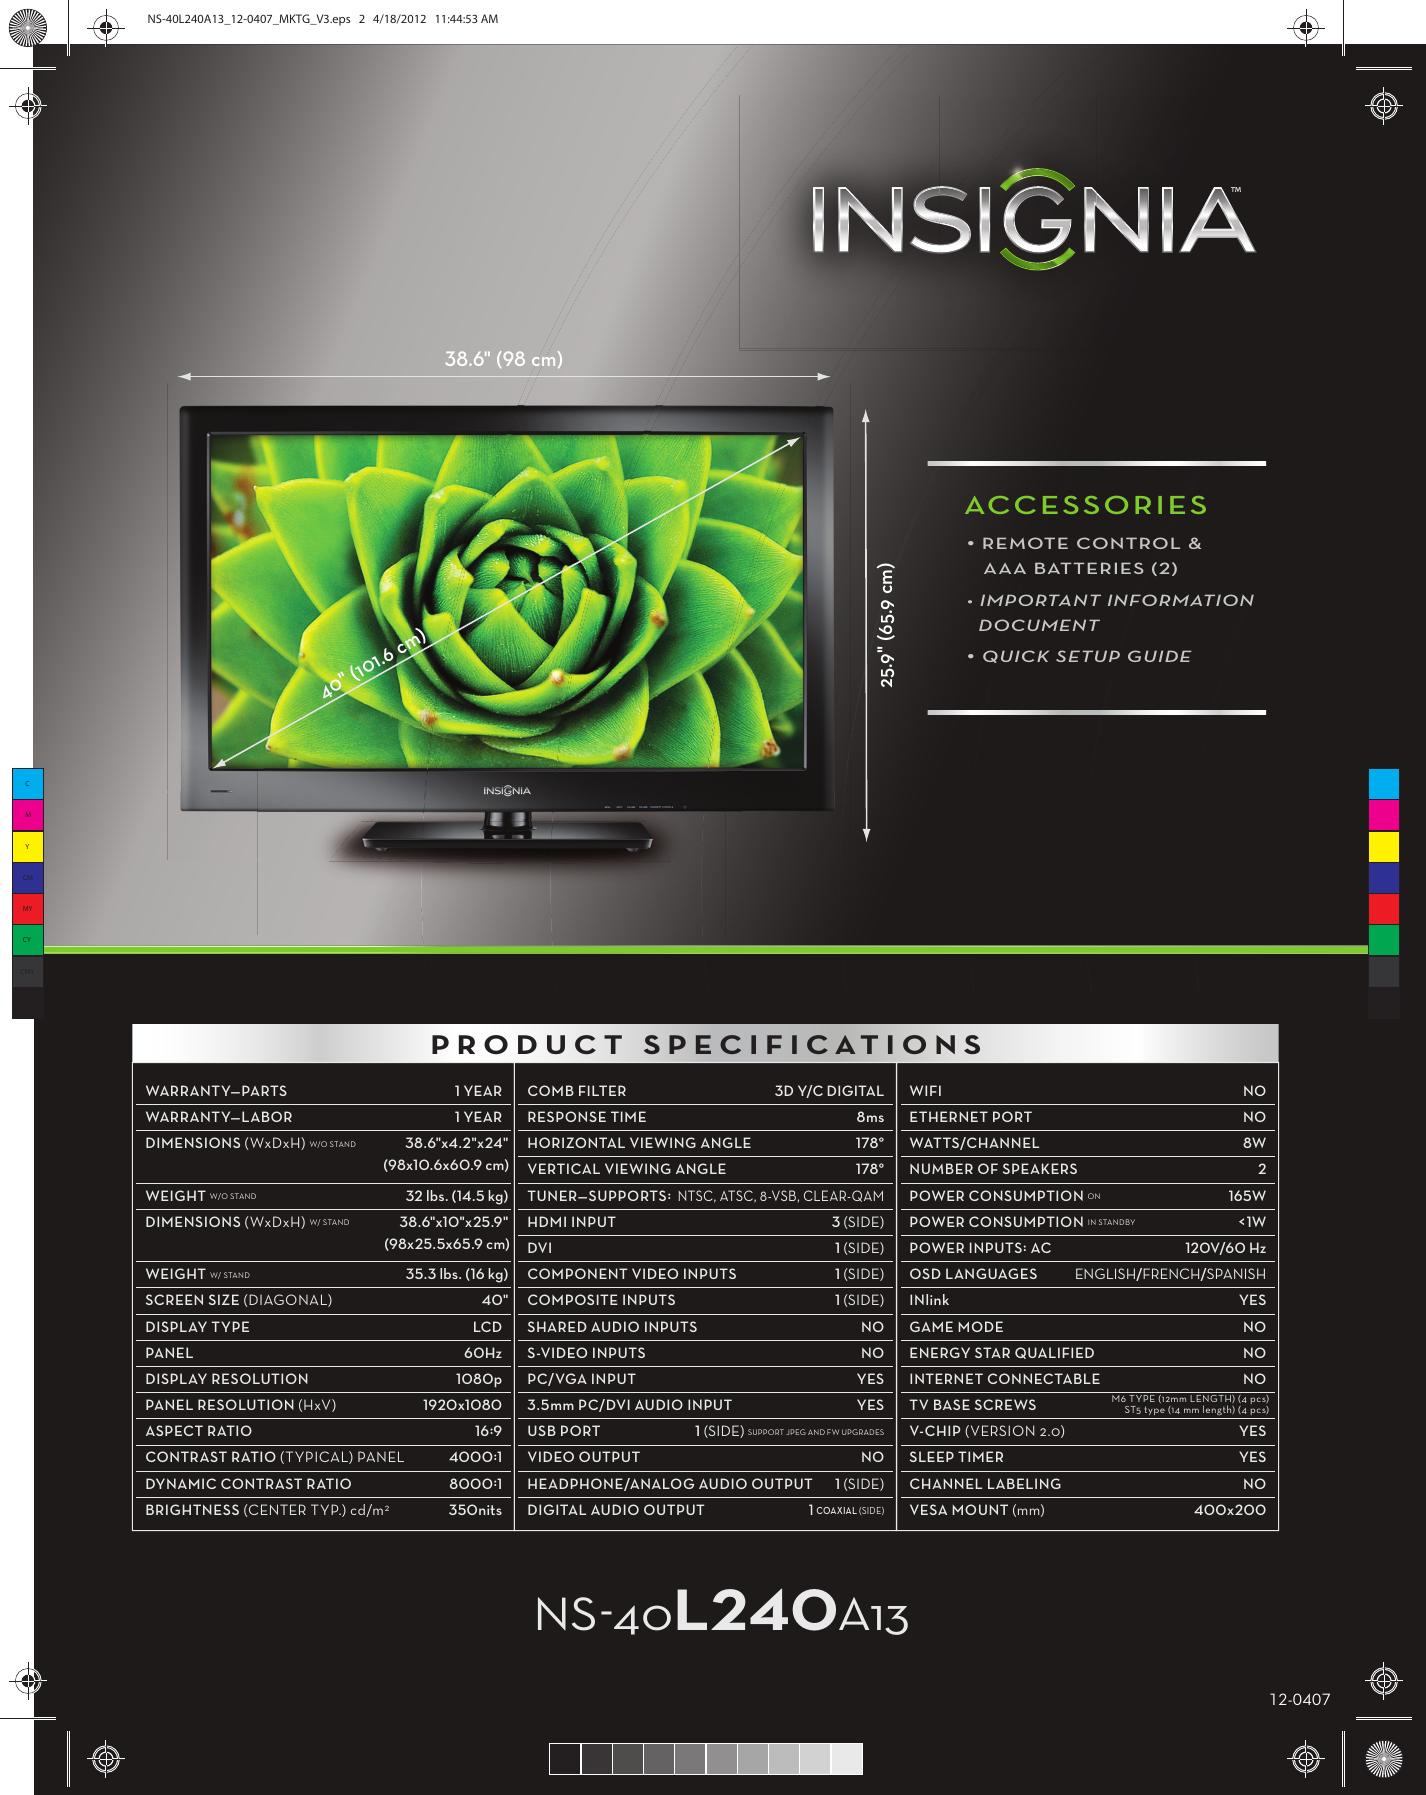 Insignia NS 40L240A13 40L240A13_12 0407_MKTG_V3 User Manual